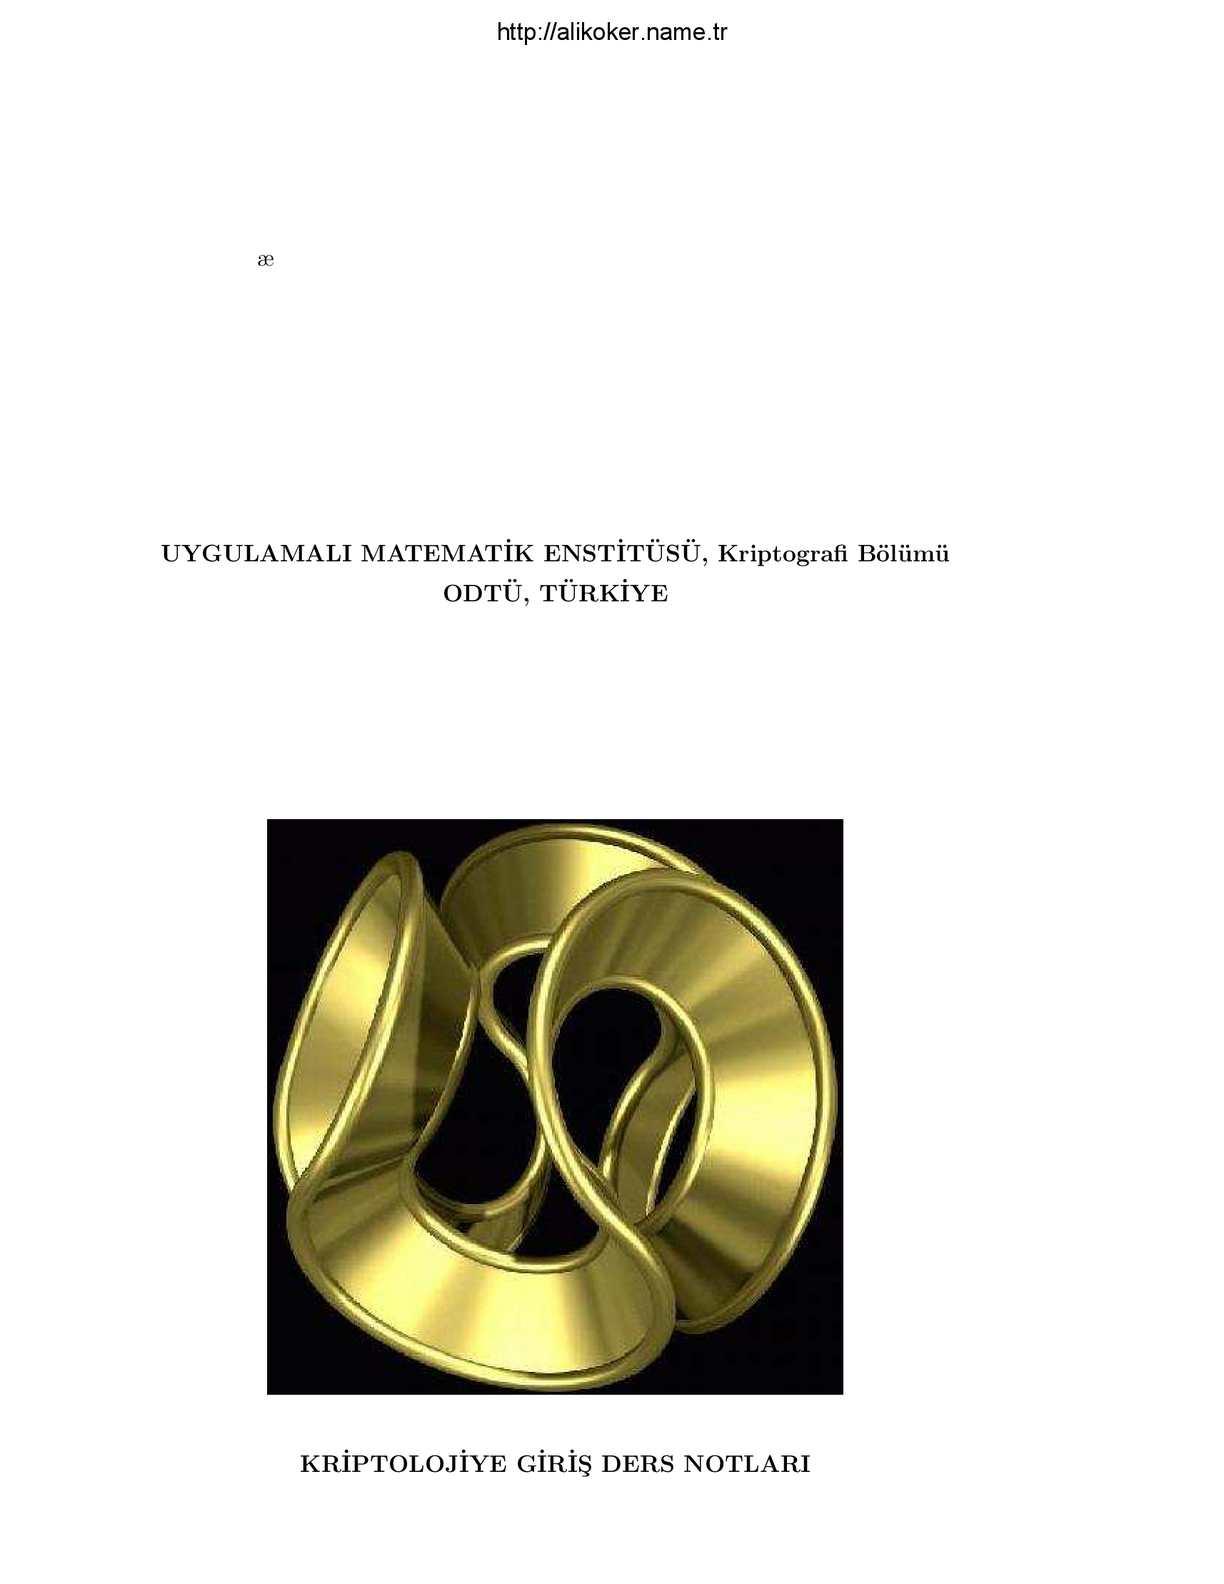 Kriptoloji - Ersan Akyıldız